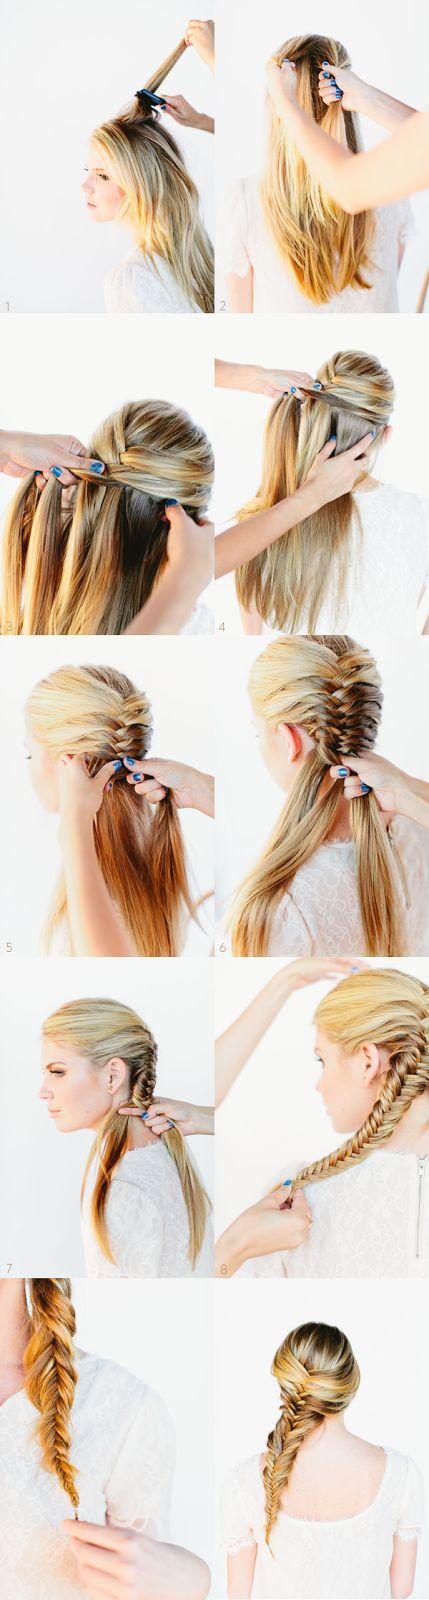 ღ♥♥ღ Fashion Is Life ღ♥♥ღ: Fishtail Braid Hair Style